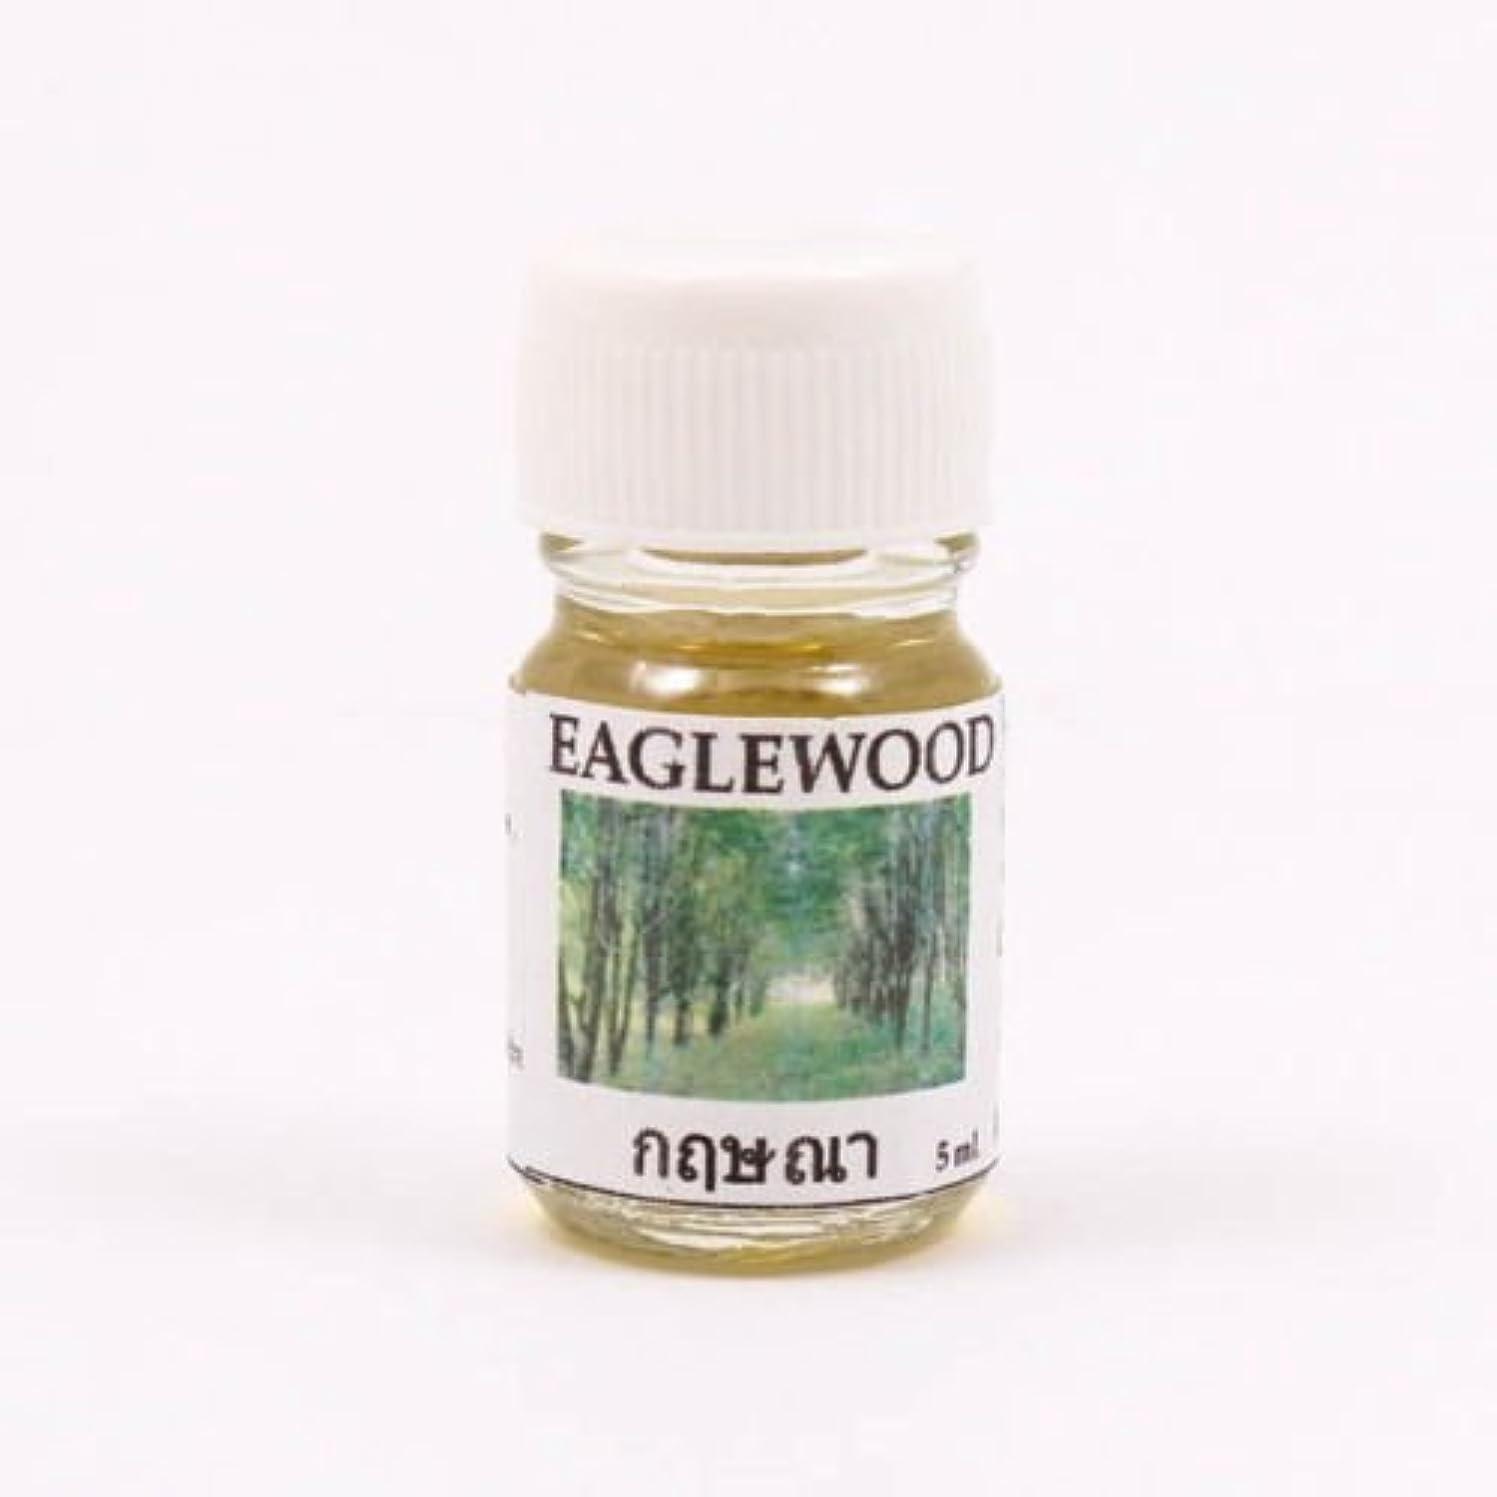 教育赤外線エレクトロニック6X Eagle Wood Aroma Fragrance Essential Oil 5ML. Diffuser Burner Therapy